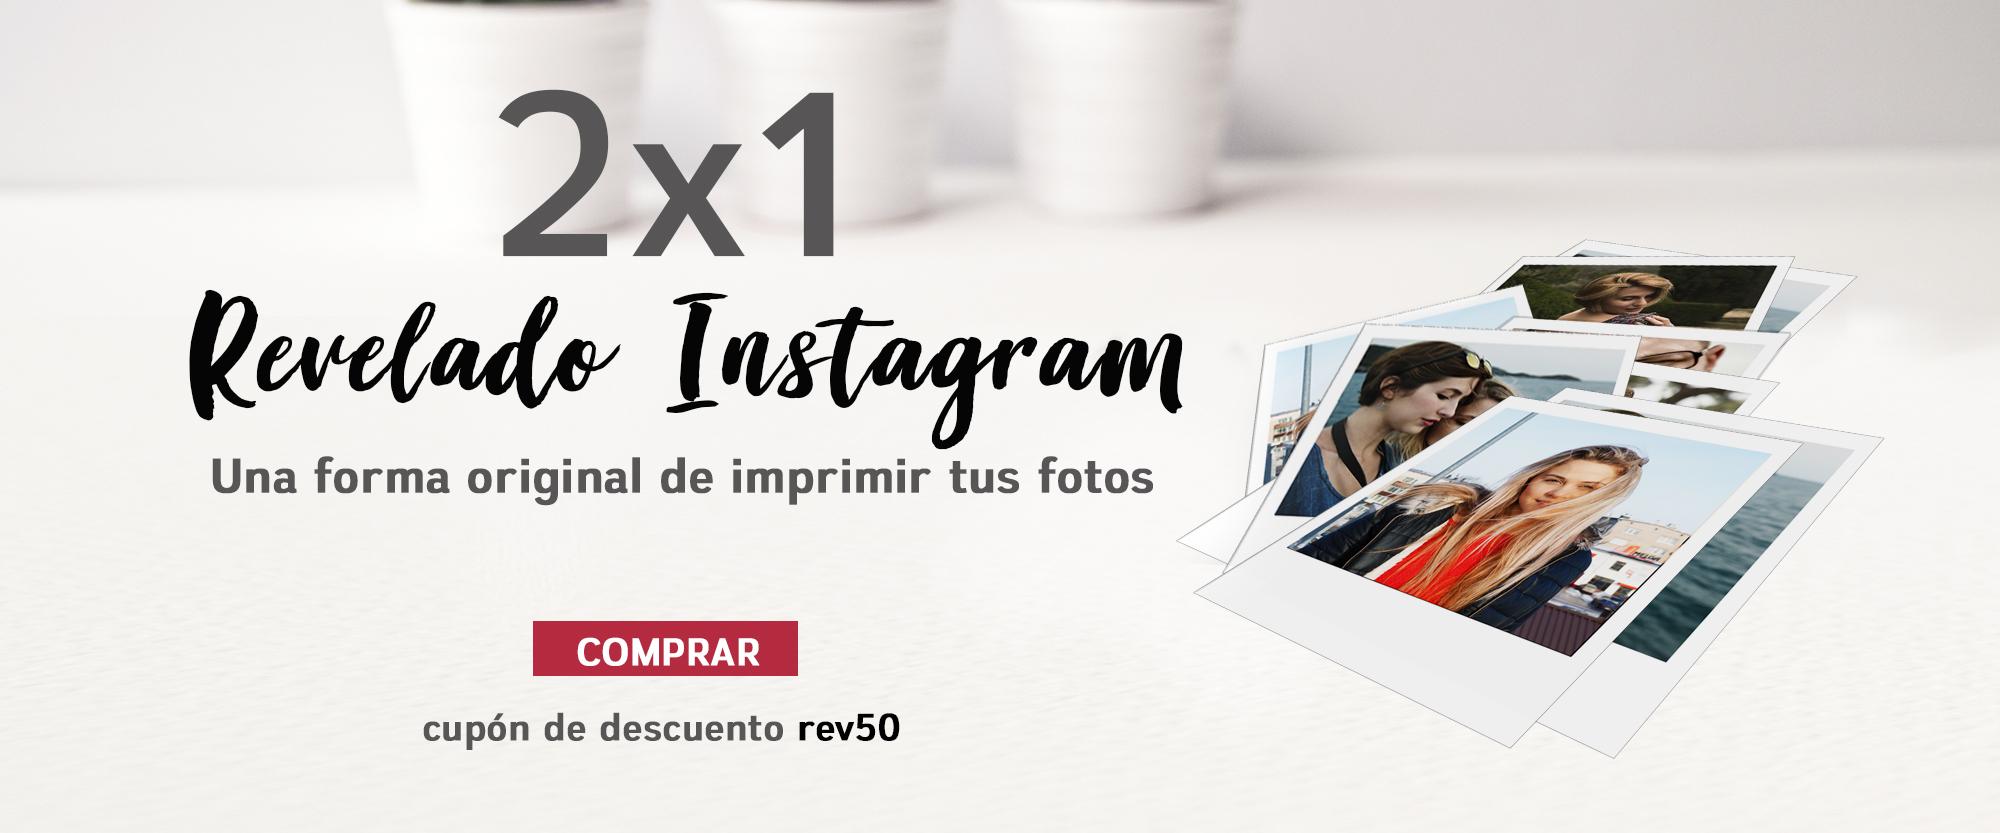 banner-revelado-instagram